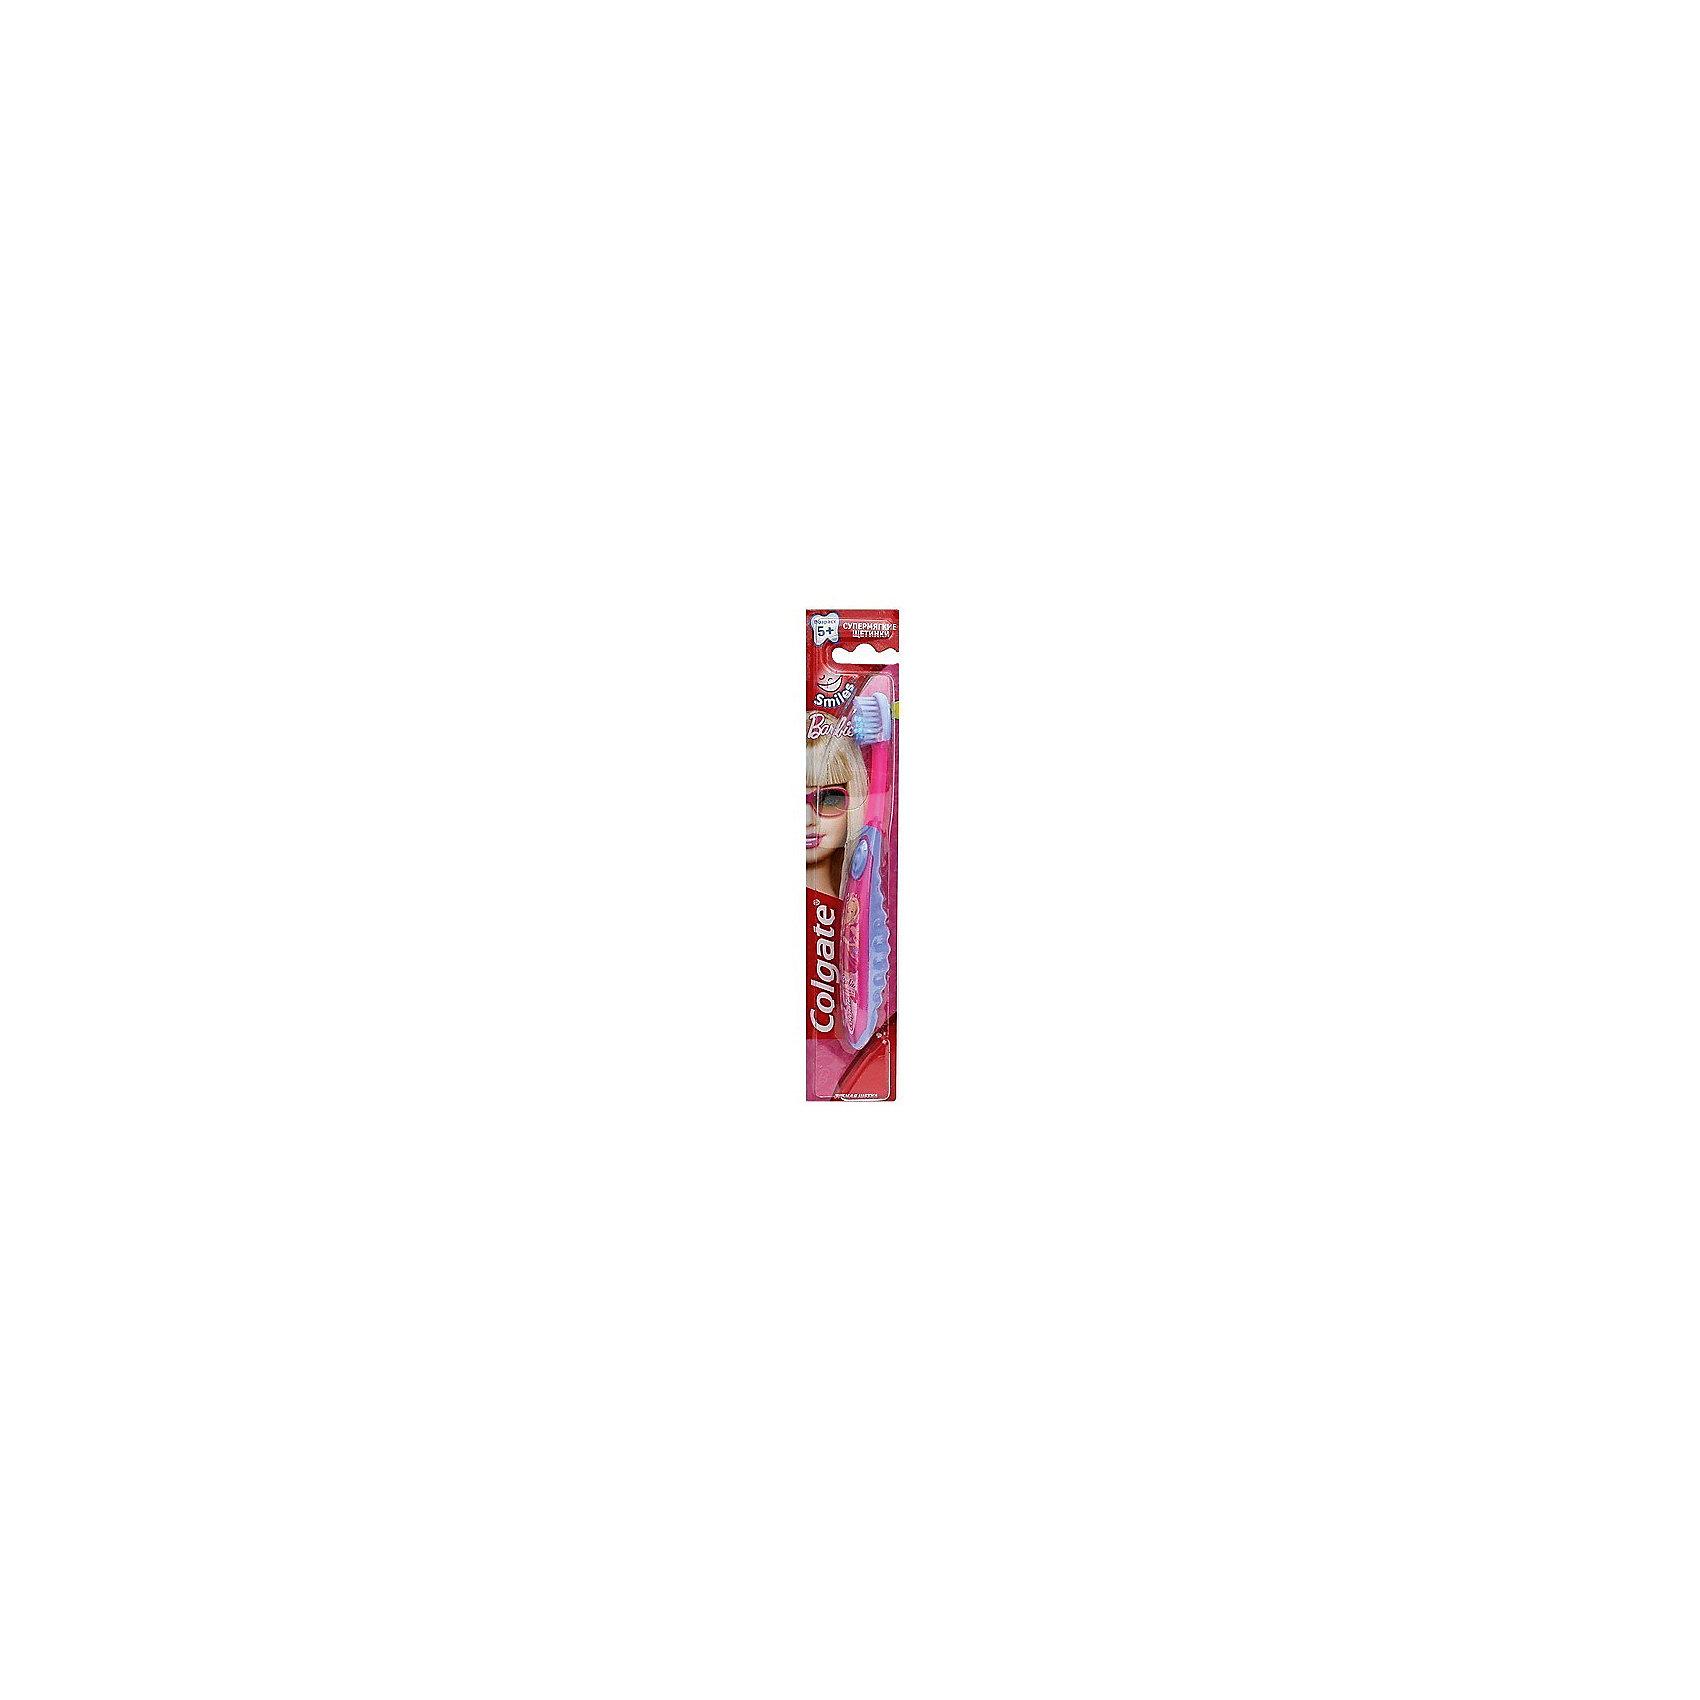 Зубная щётка для детей от 2 до 5 лет Barbie, Colgate, фиолетовый/розовый